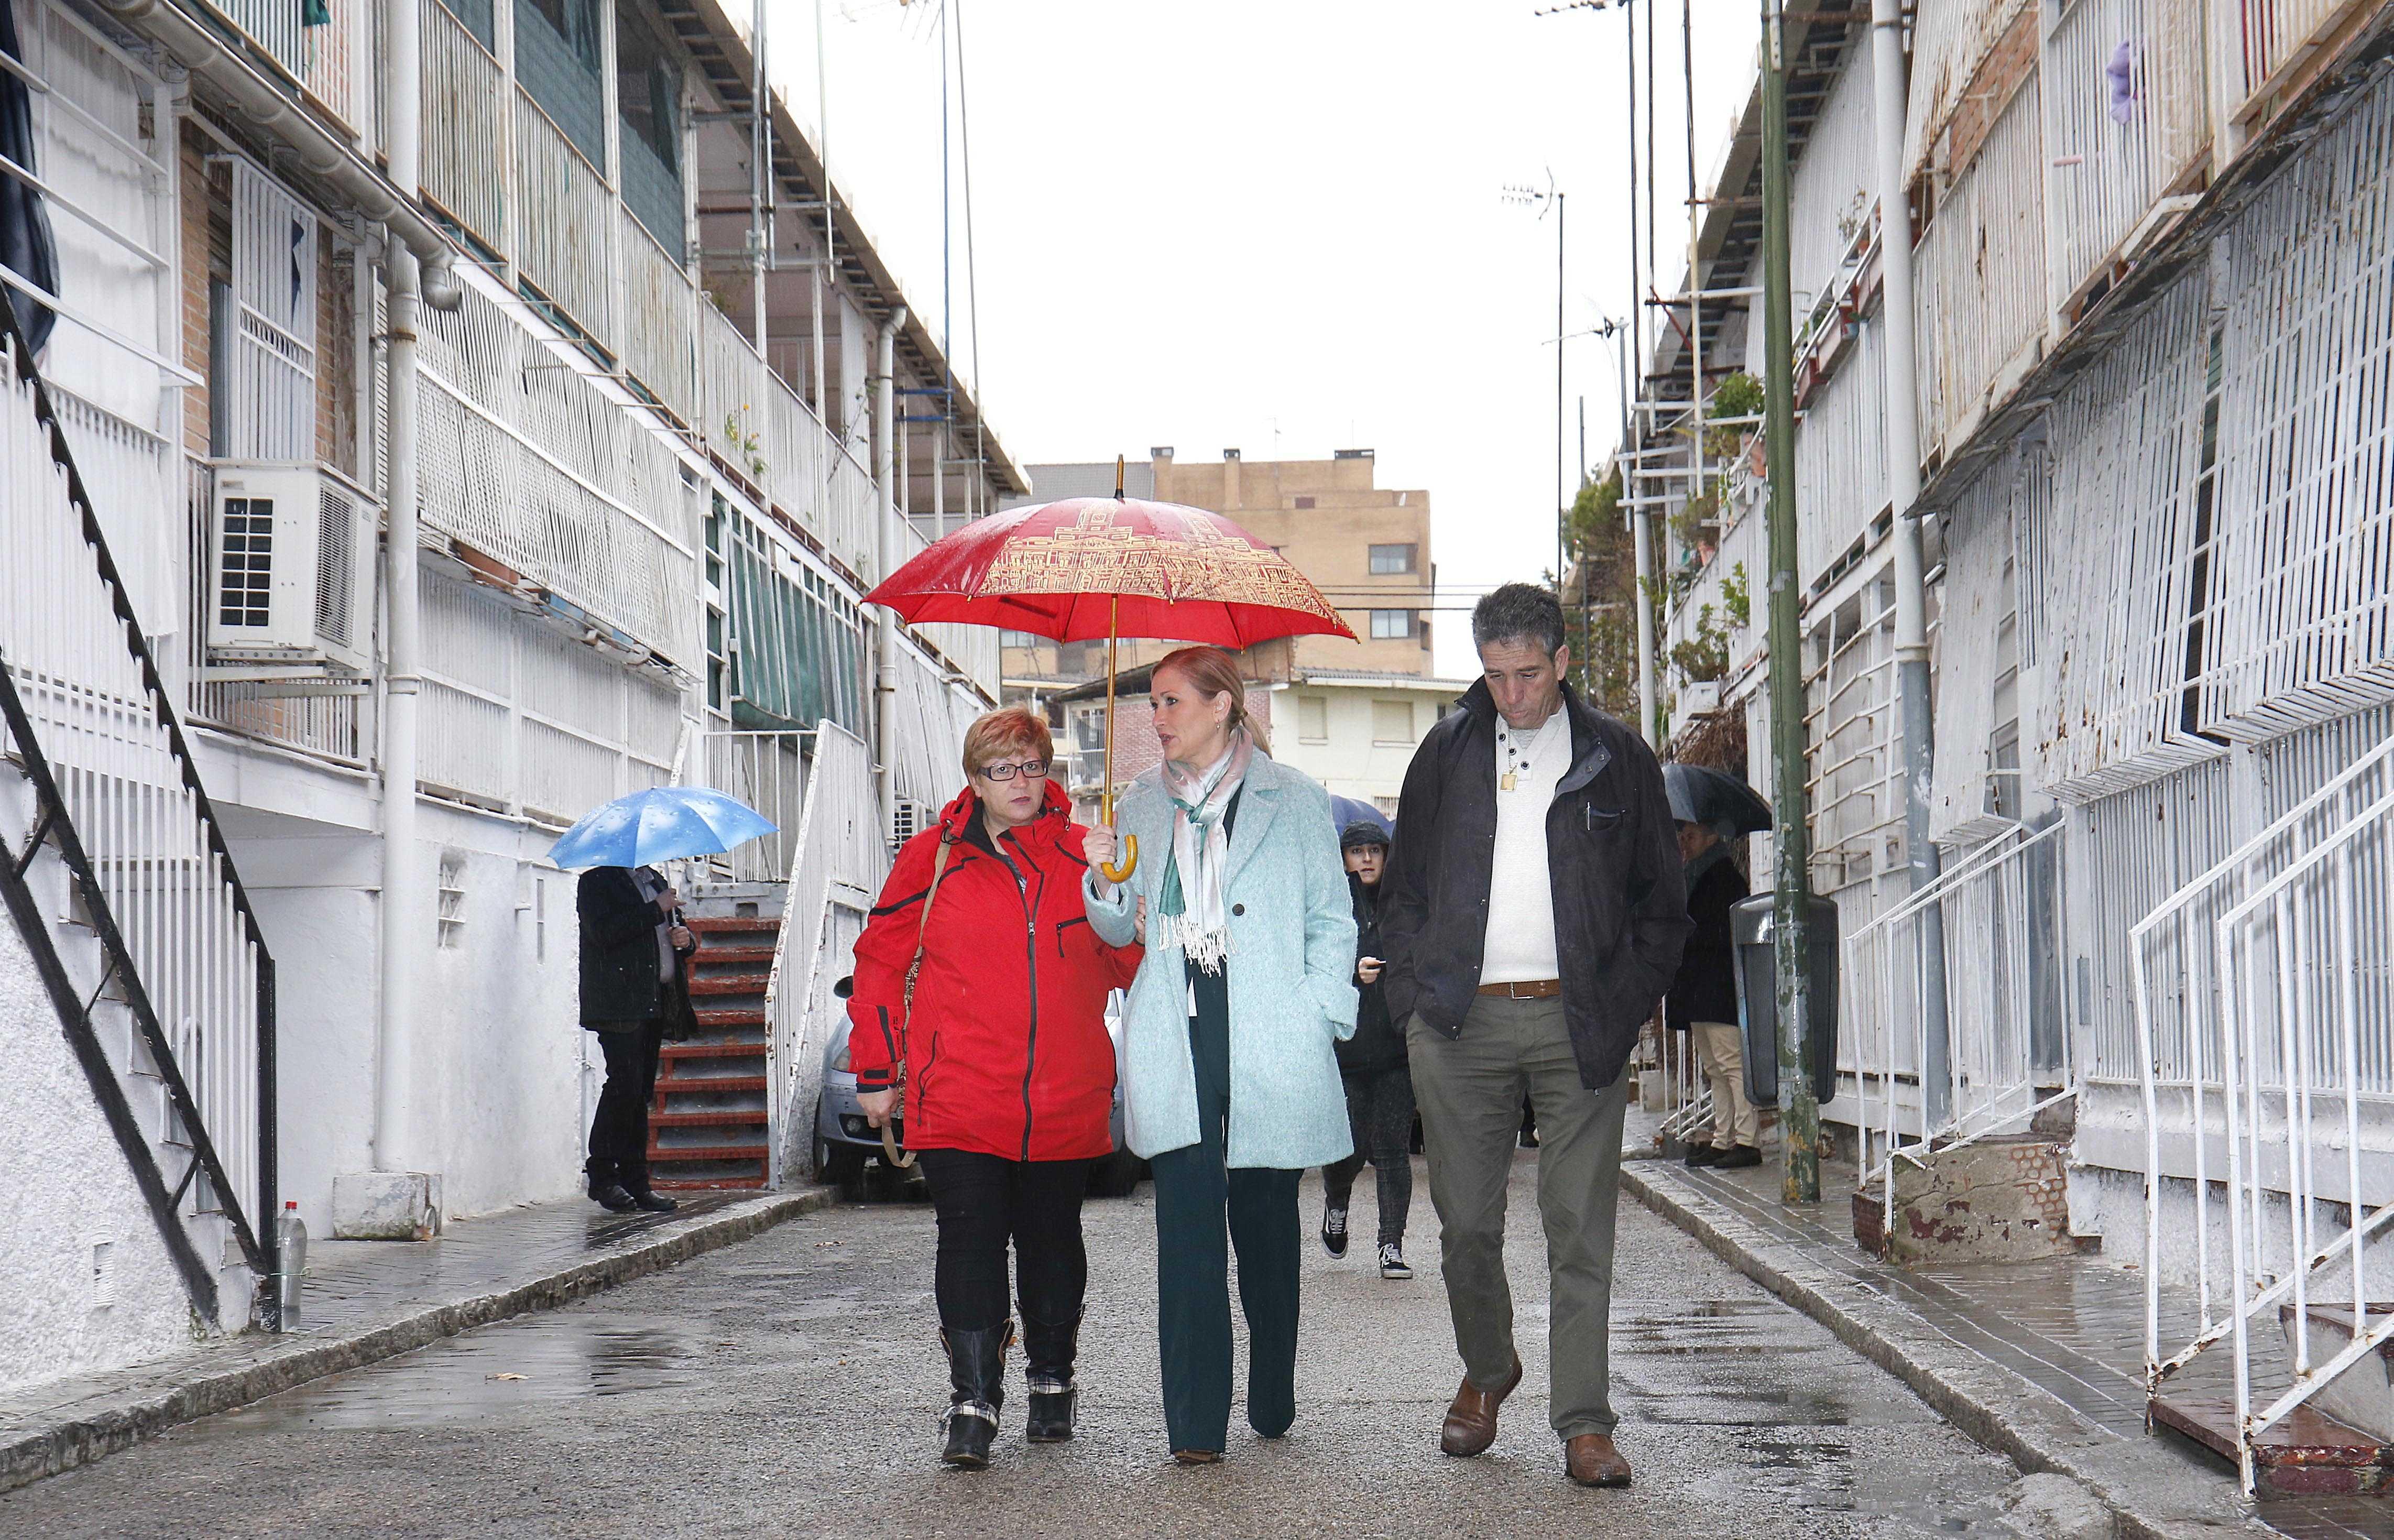 Alquiler de pisos sociales en madrid por 36 euros al mes - Alquiler por meses madrid ...